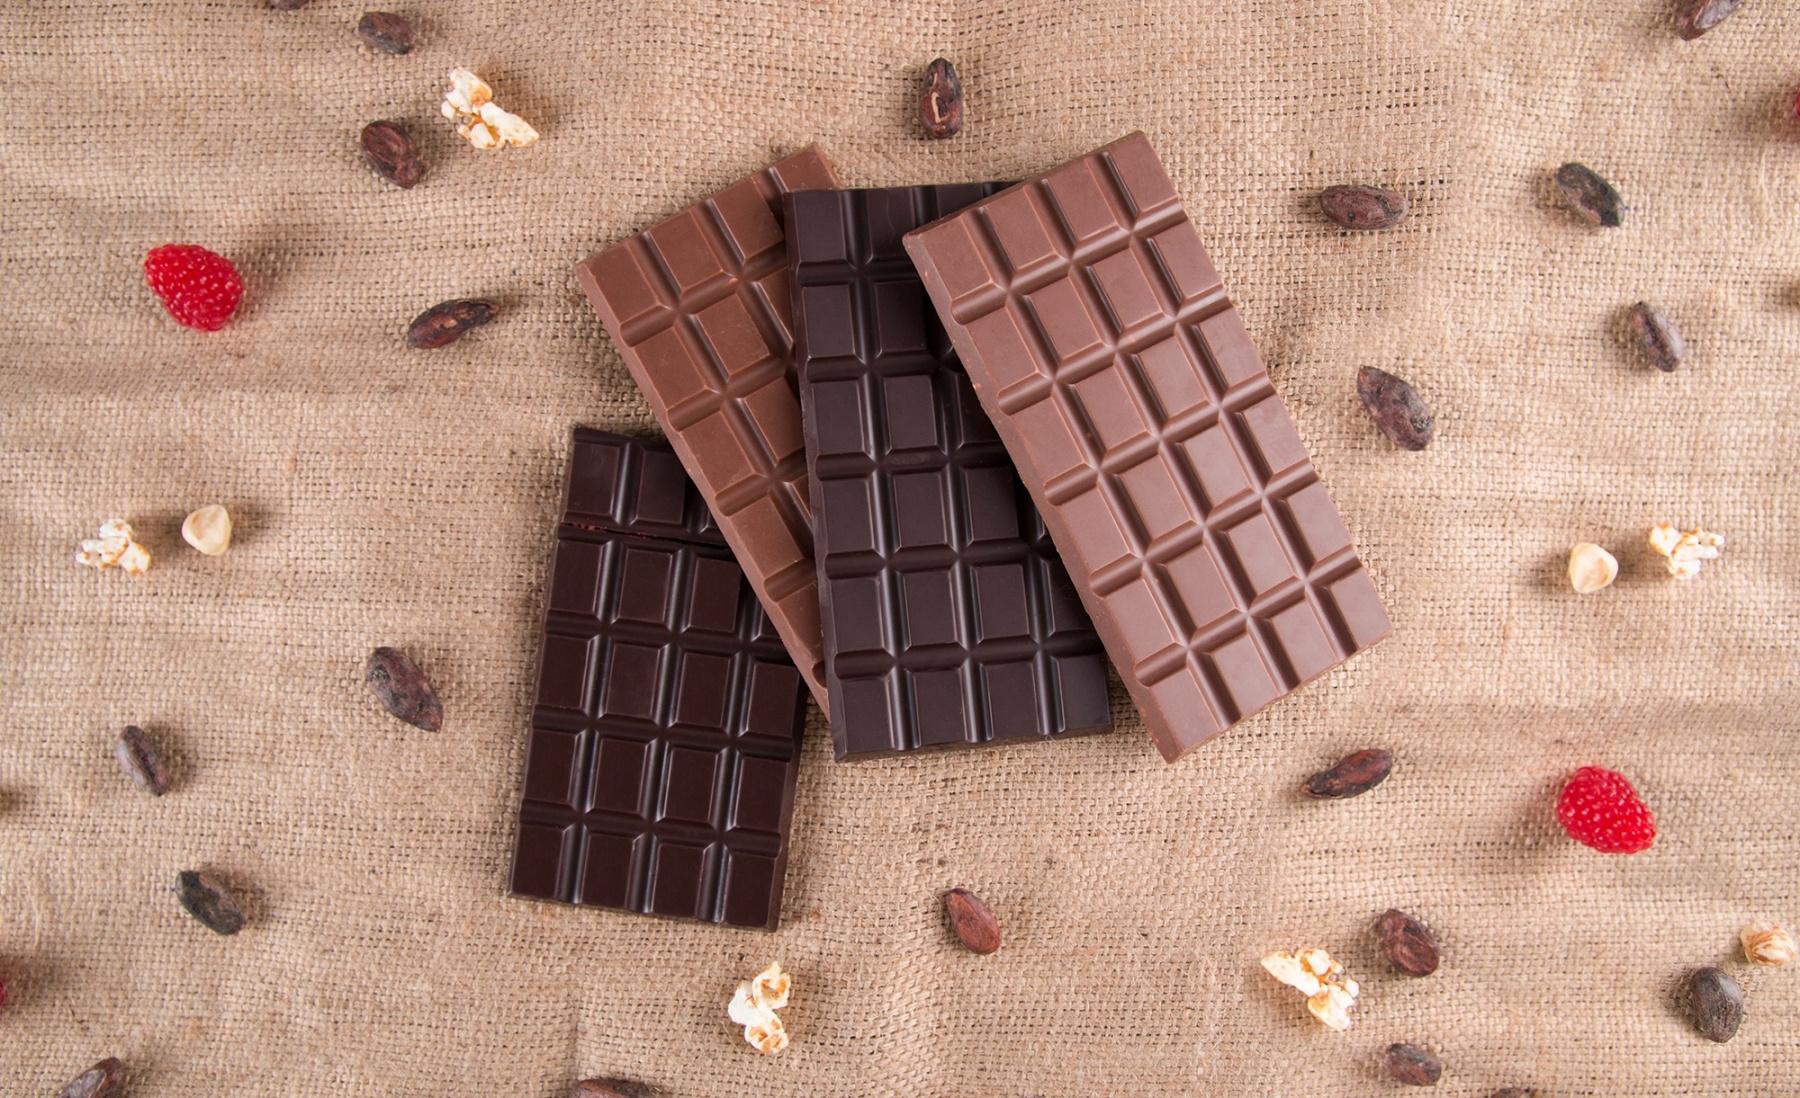 Chocolade mix - Voor chocoladelovers